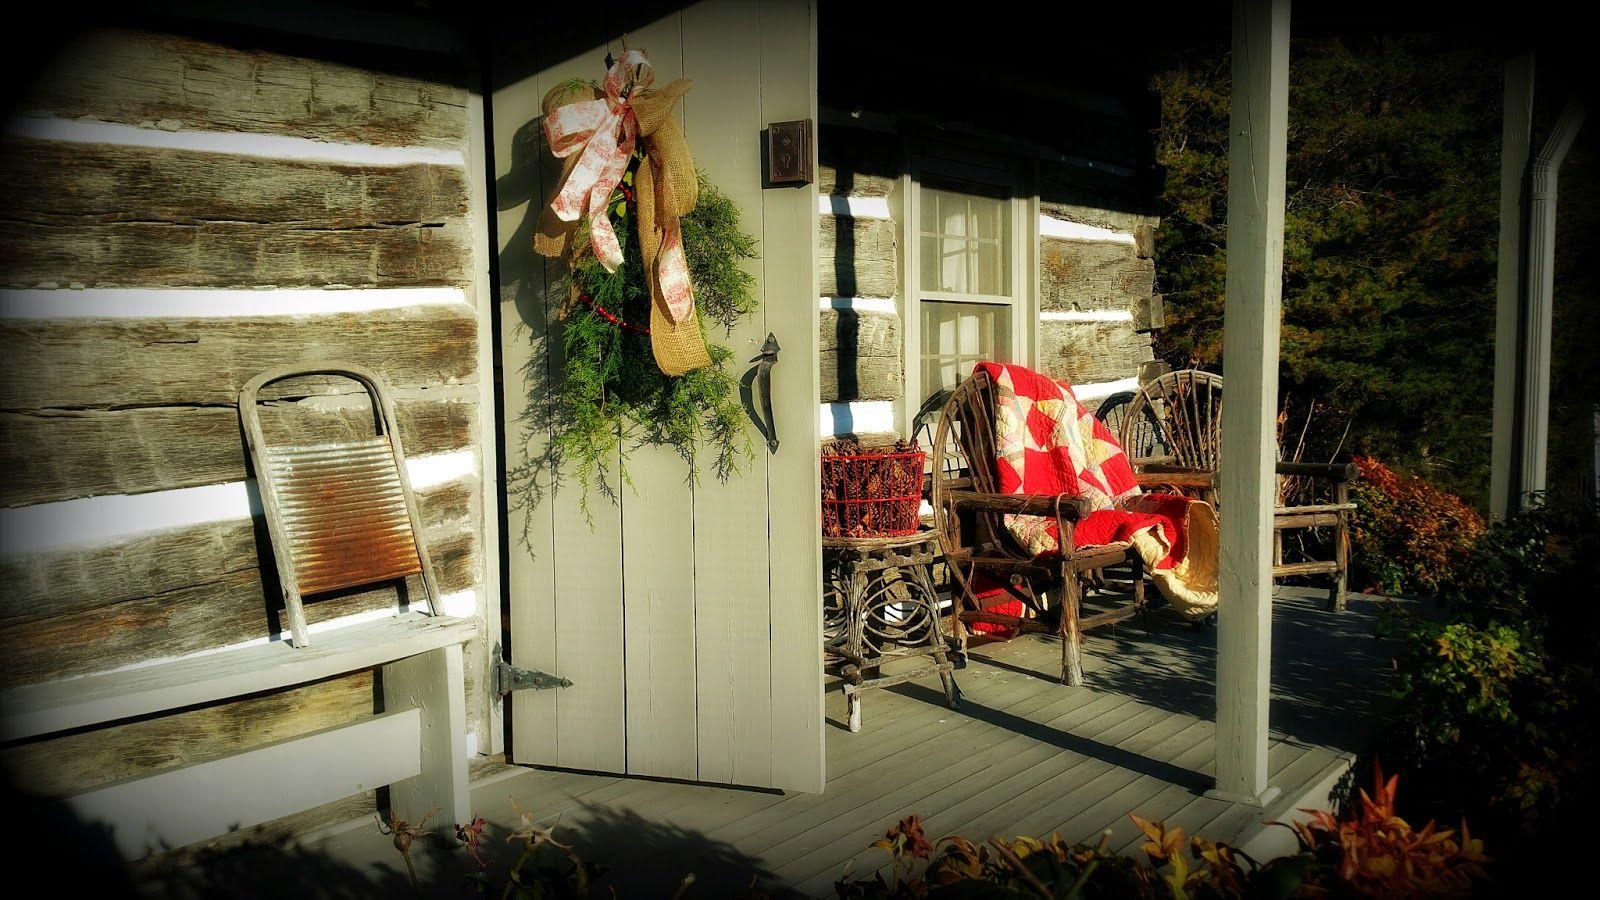 An Old Fashioned, Log Cabin Christmas at HappyDaysFarm